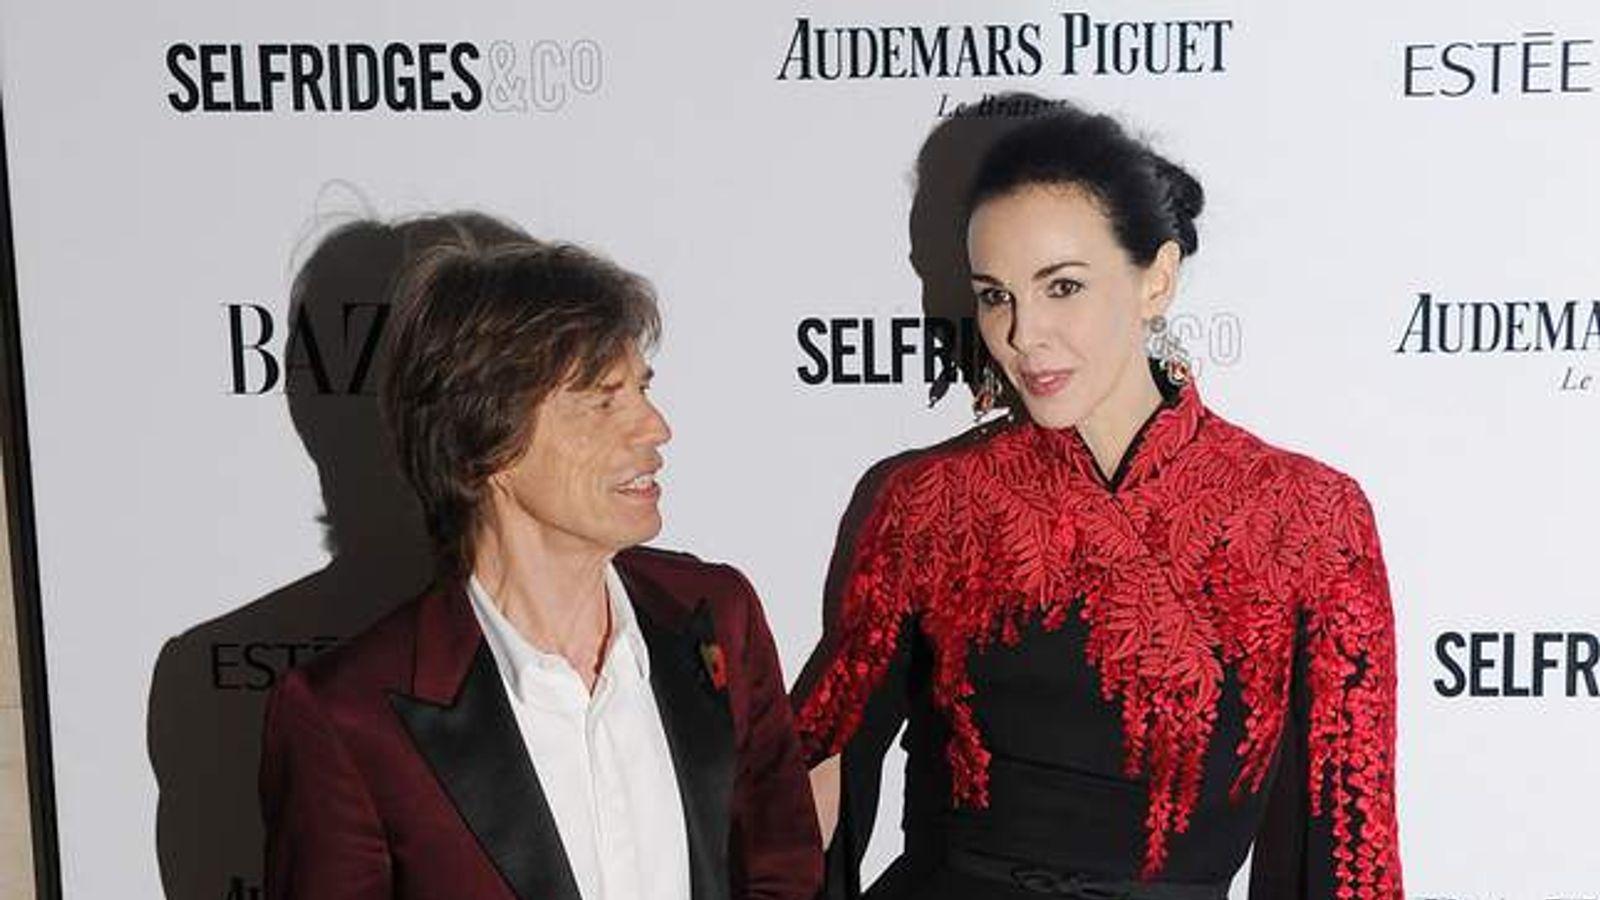 Fashion designer L'Wren Scott was found dead at her New York apartment.